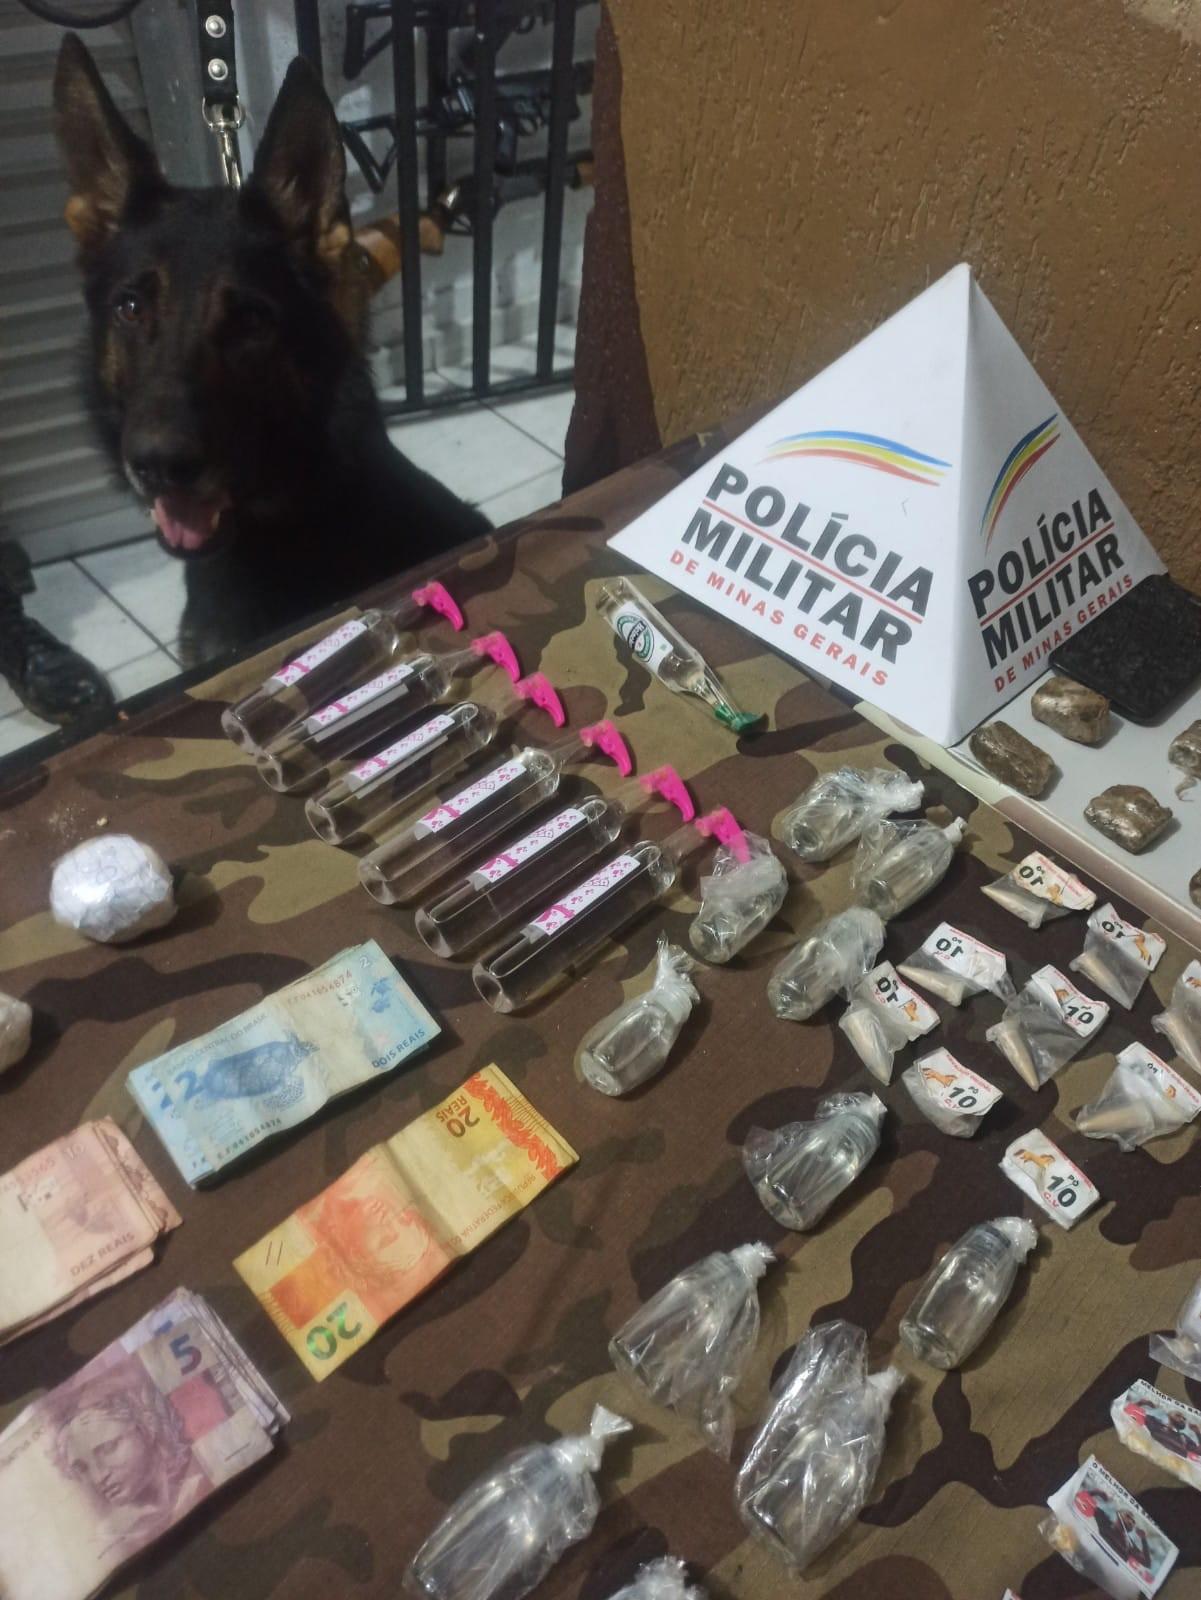 Com ajuda de cão farejador, PM apreende drogas e dinheiro no Bairro Poço Rico em Juiz de Fora